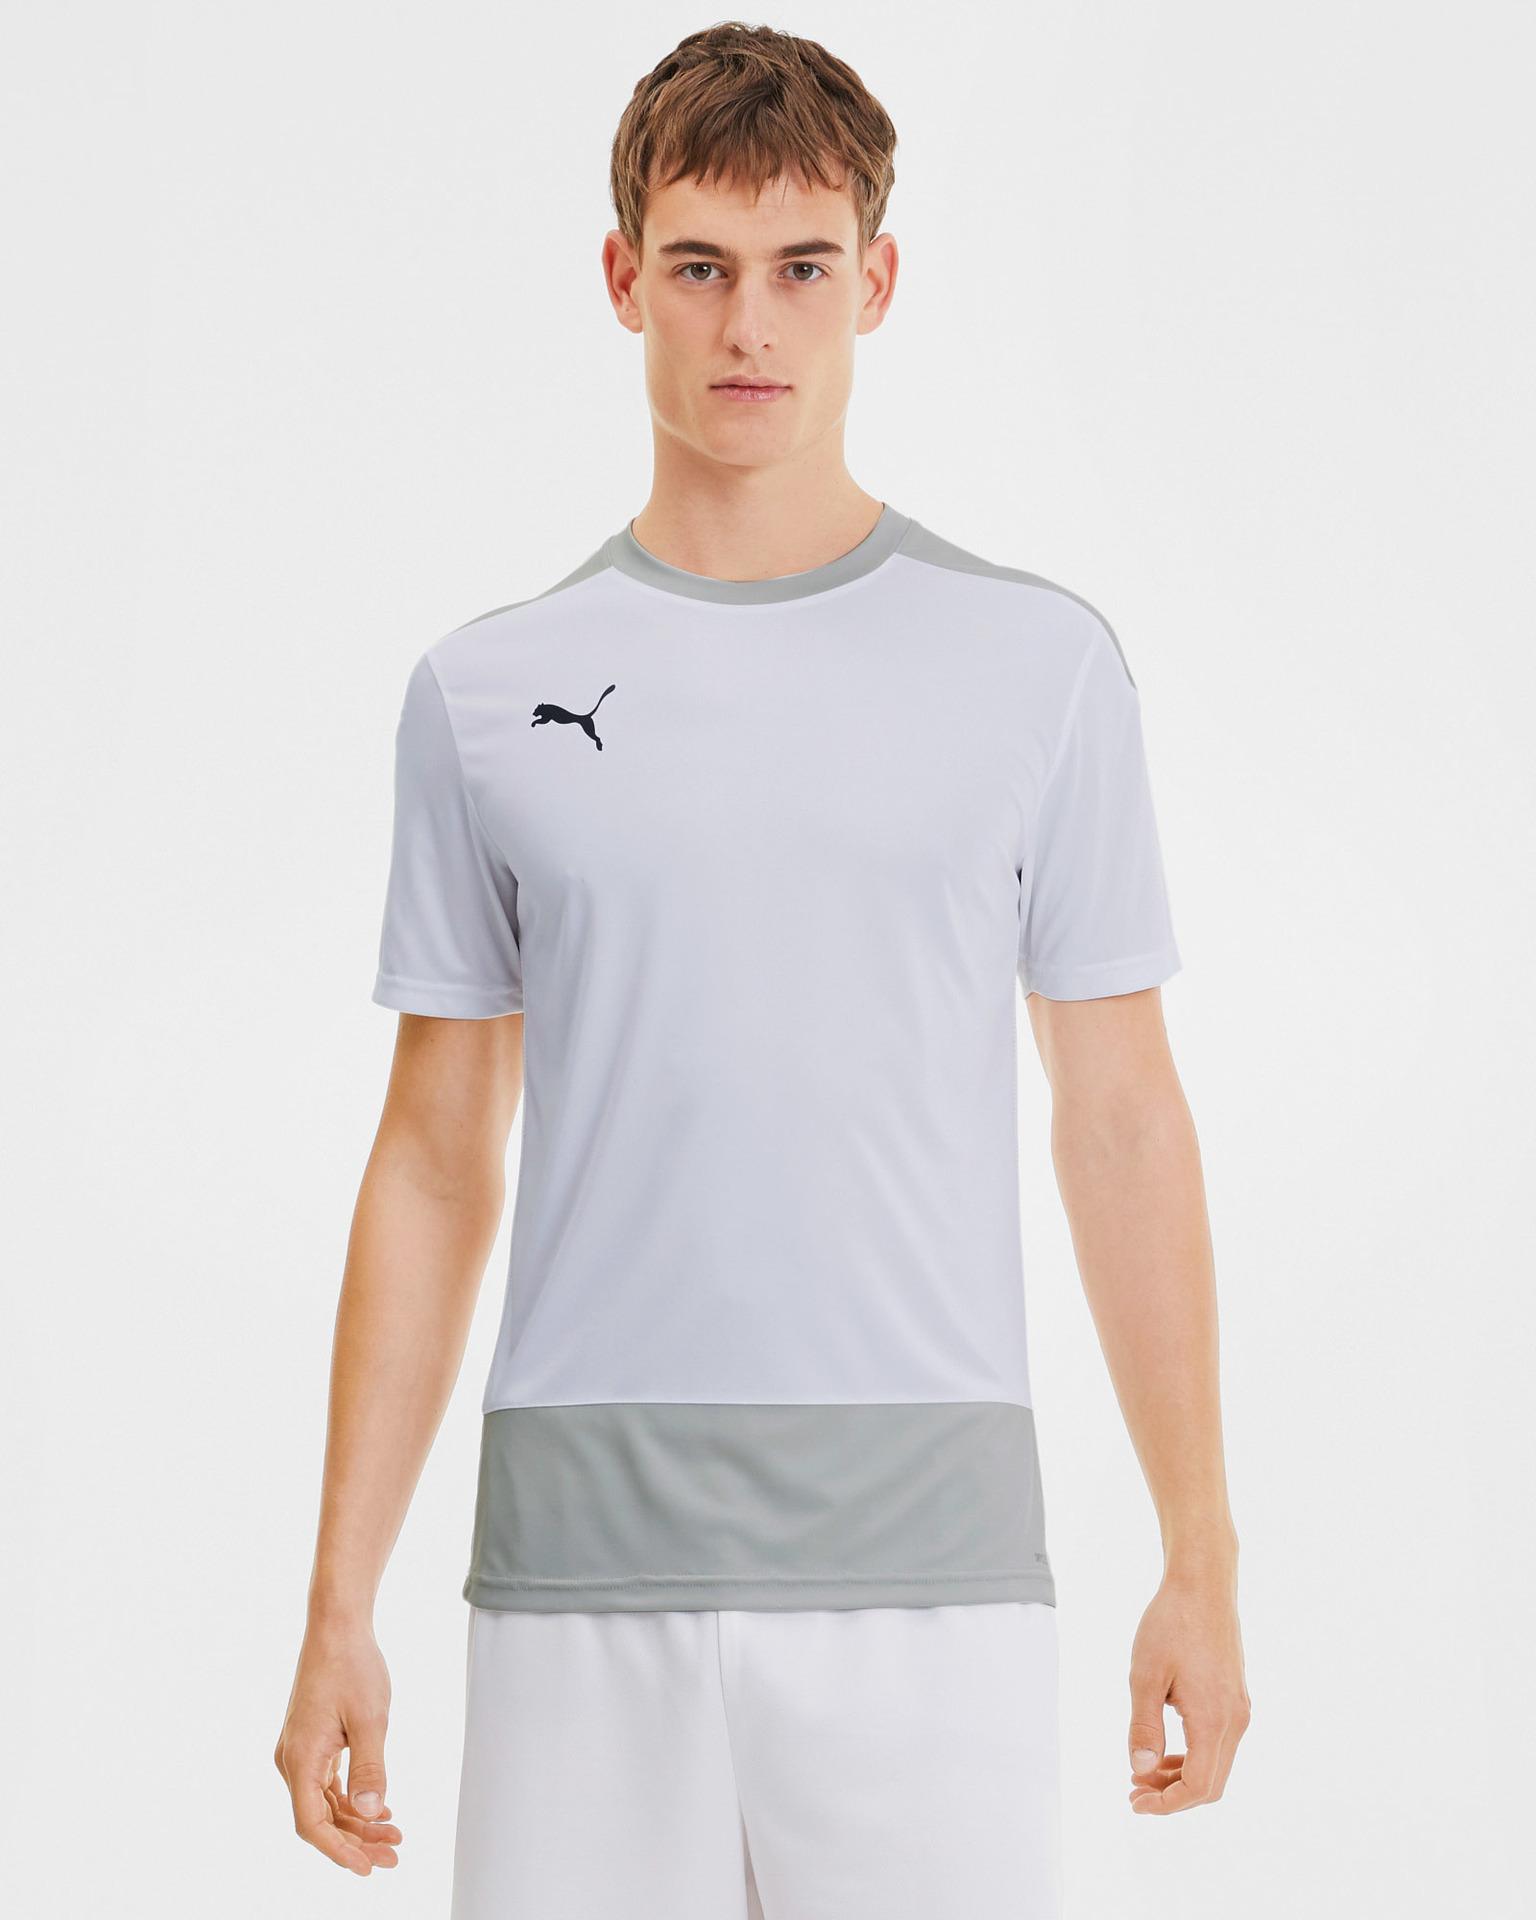 Puma - teamGOAL 23 T-shirt Bibloo.com